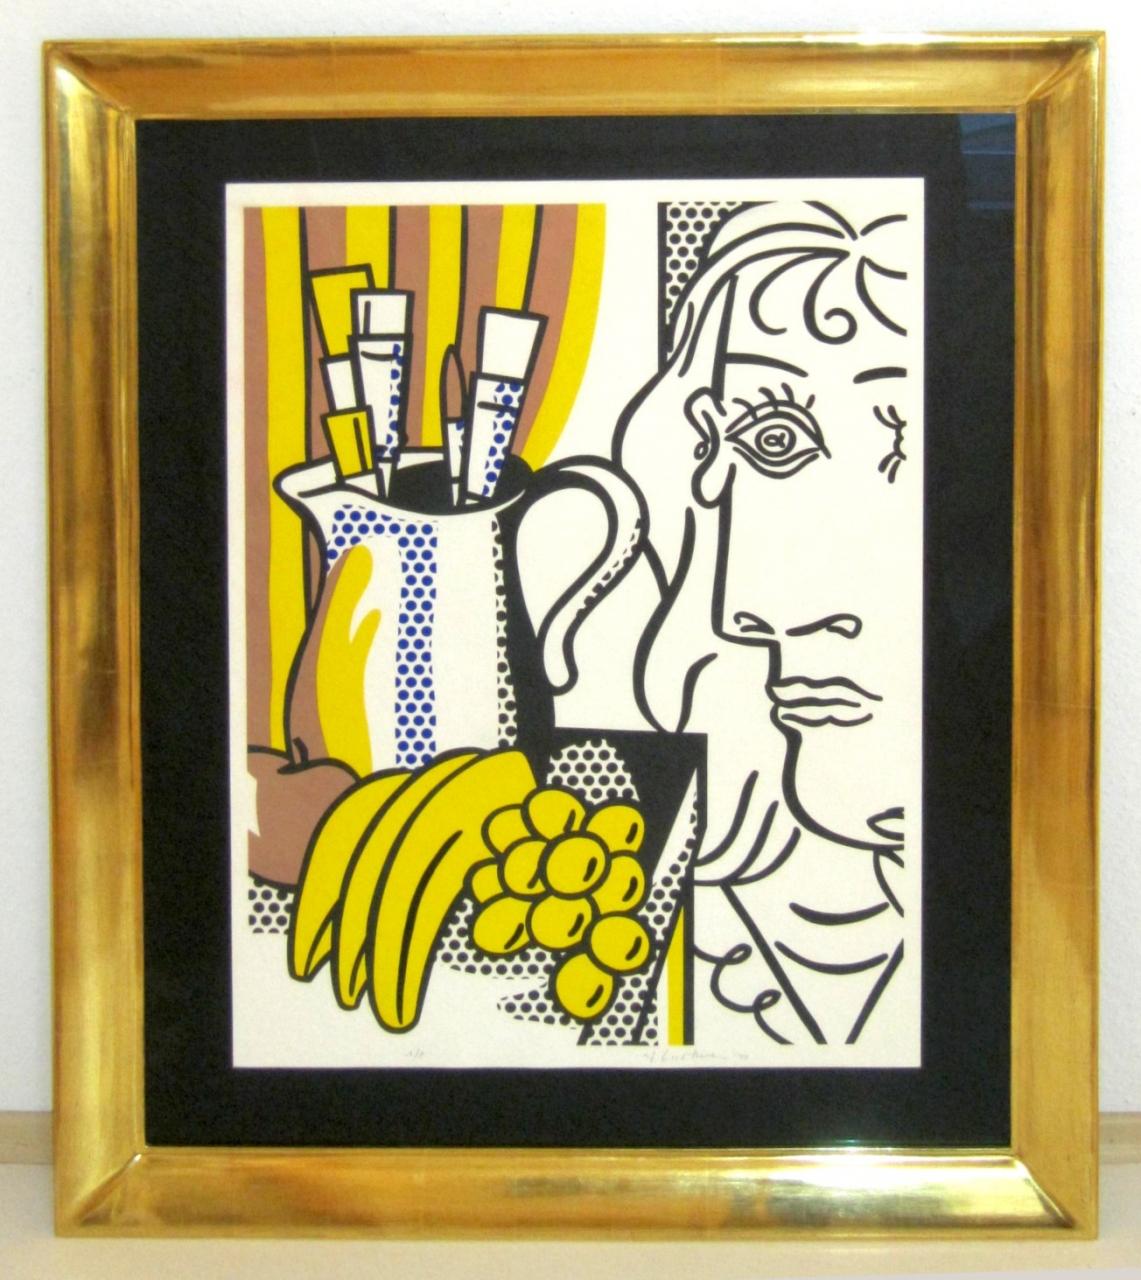 Roy Lichtenstein: Still Life with Picasso